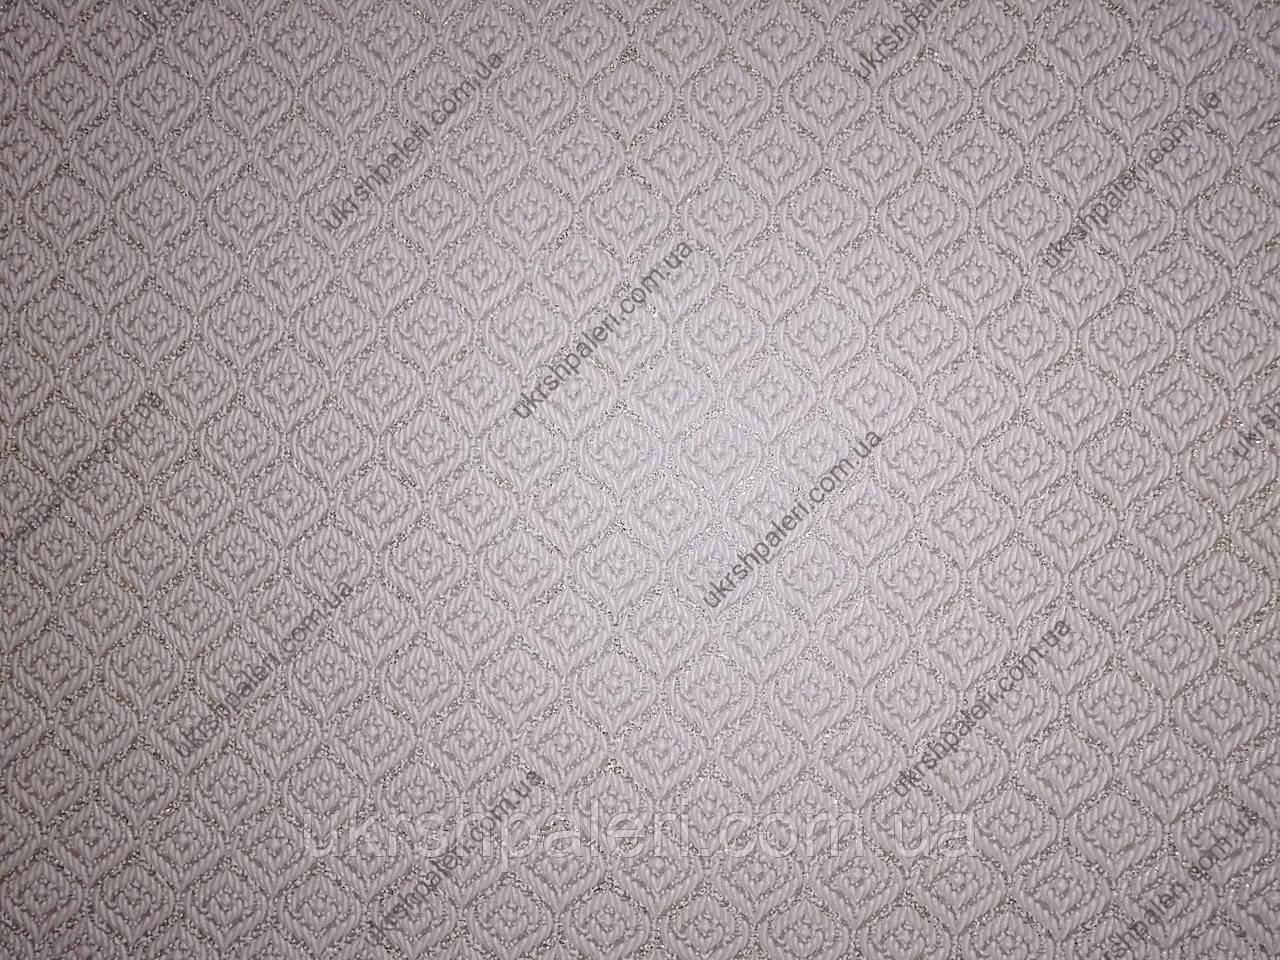 Обои Дамаск 3 3584-01 виниловые на флизелиновой основе ширина 1.06,в рулоне 5 полос по 3 метра.